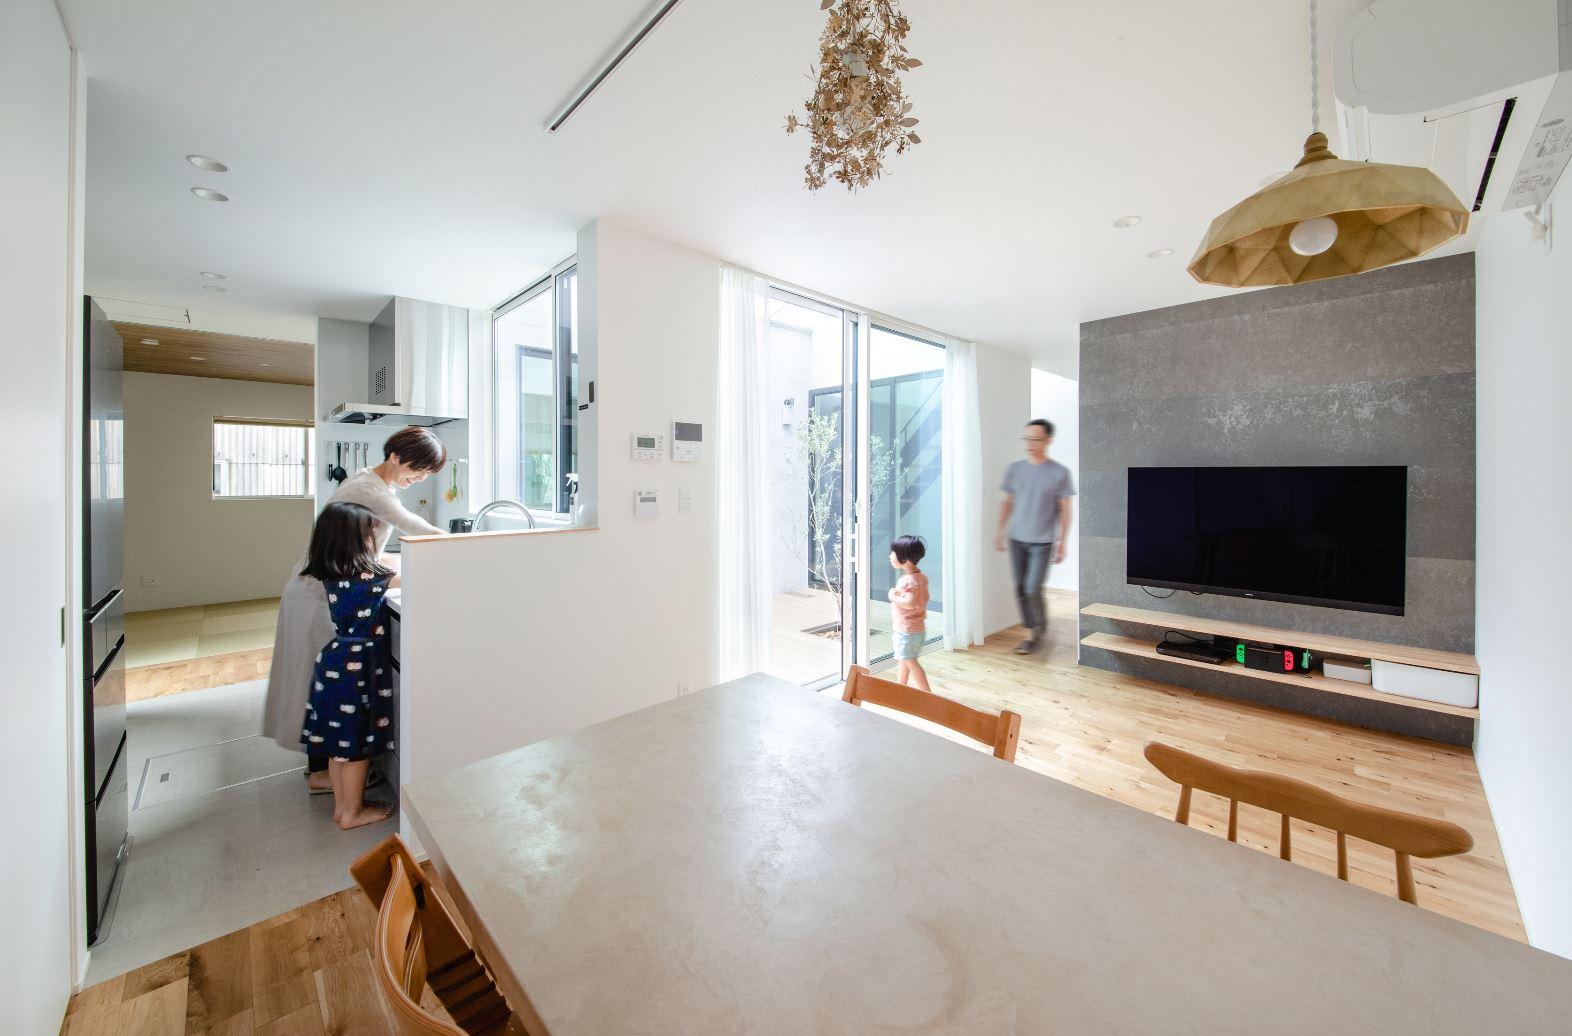 S.CONNECT(エスコネクト)【デザイン住宅、間取り、建築家】キッチンを中心にダイニングと和室を左右に分けて設けたことで、子どもが和室にいる時も、料理しながらその様子を見守れて安心